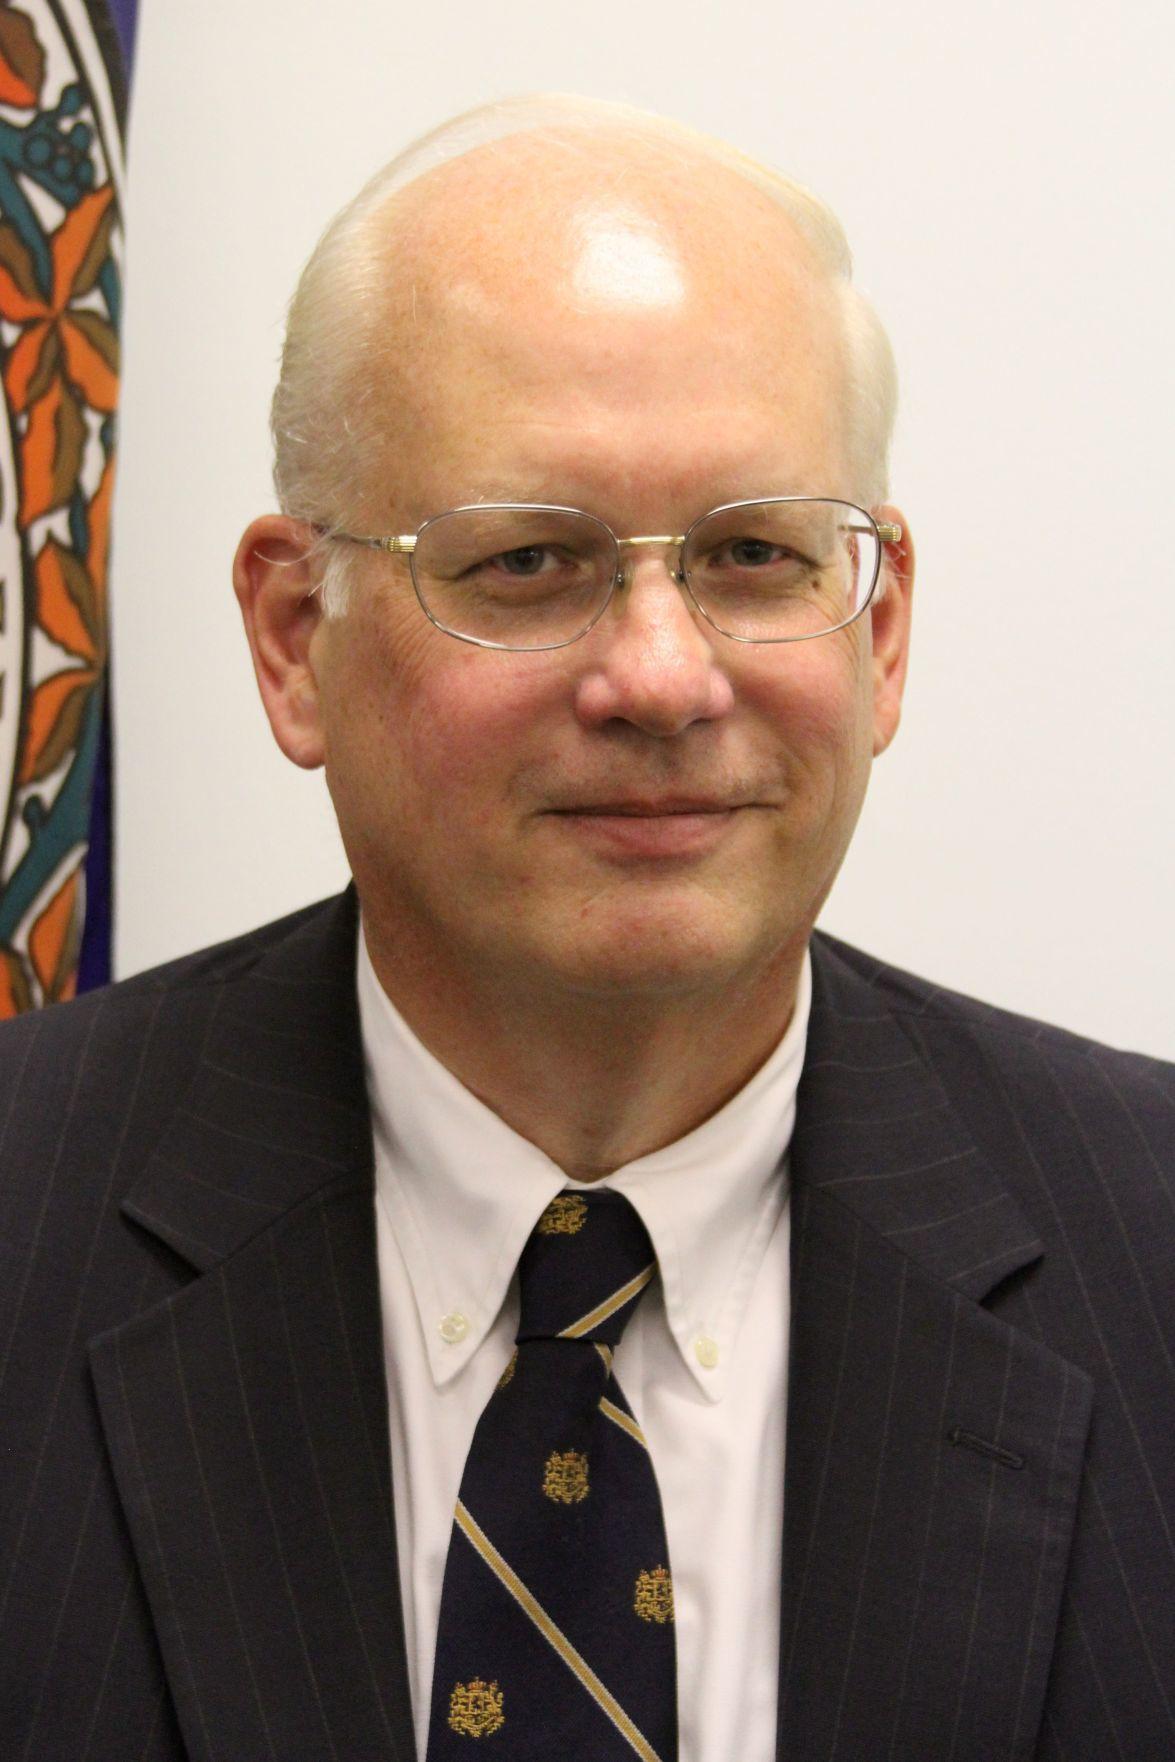 Chris Braunlich